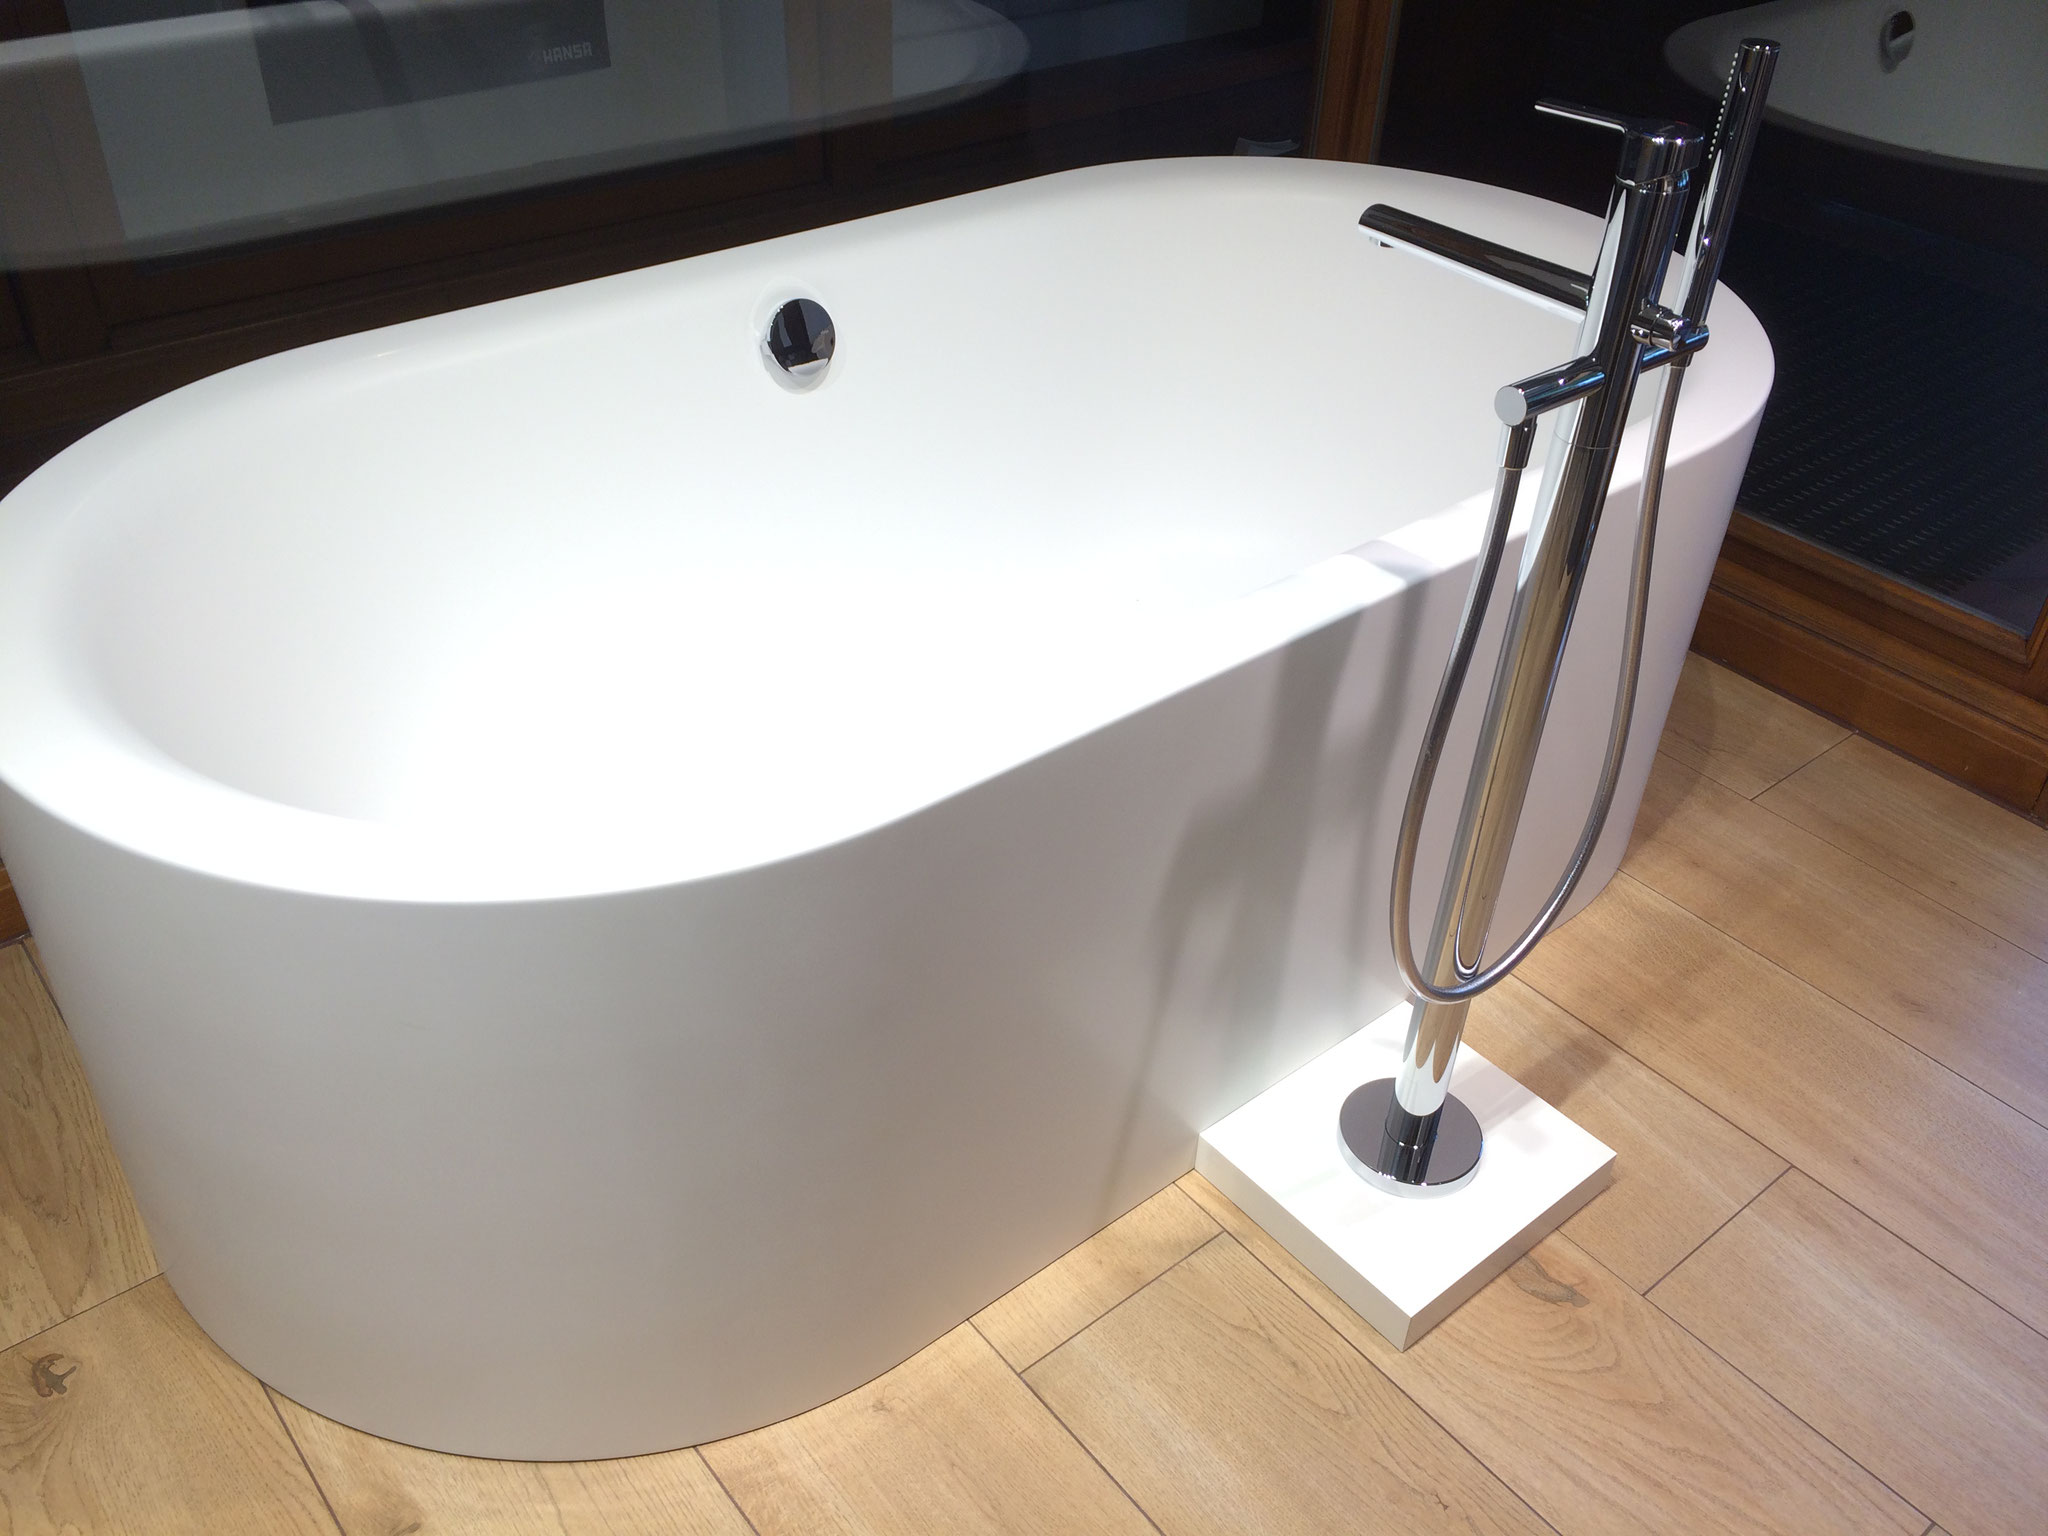 Freistehende Badewanne Ausstellung Helmstedt